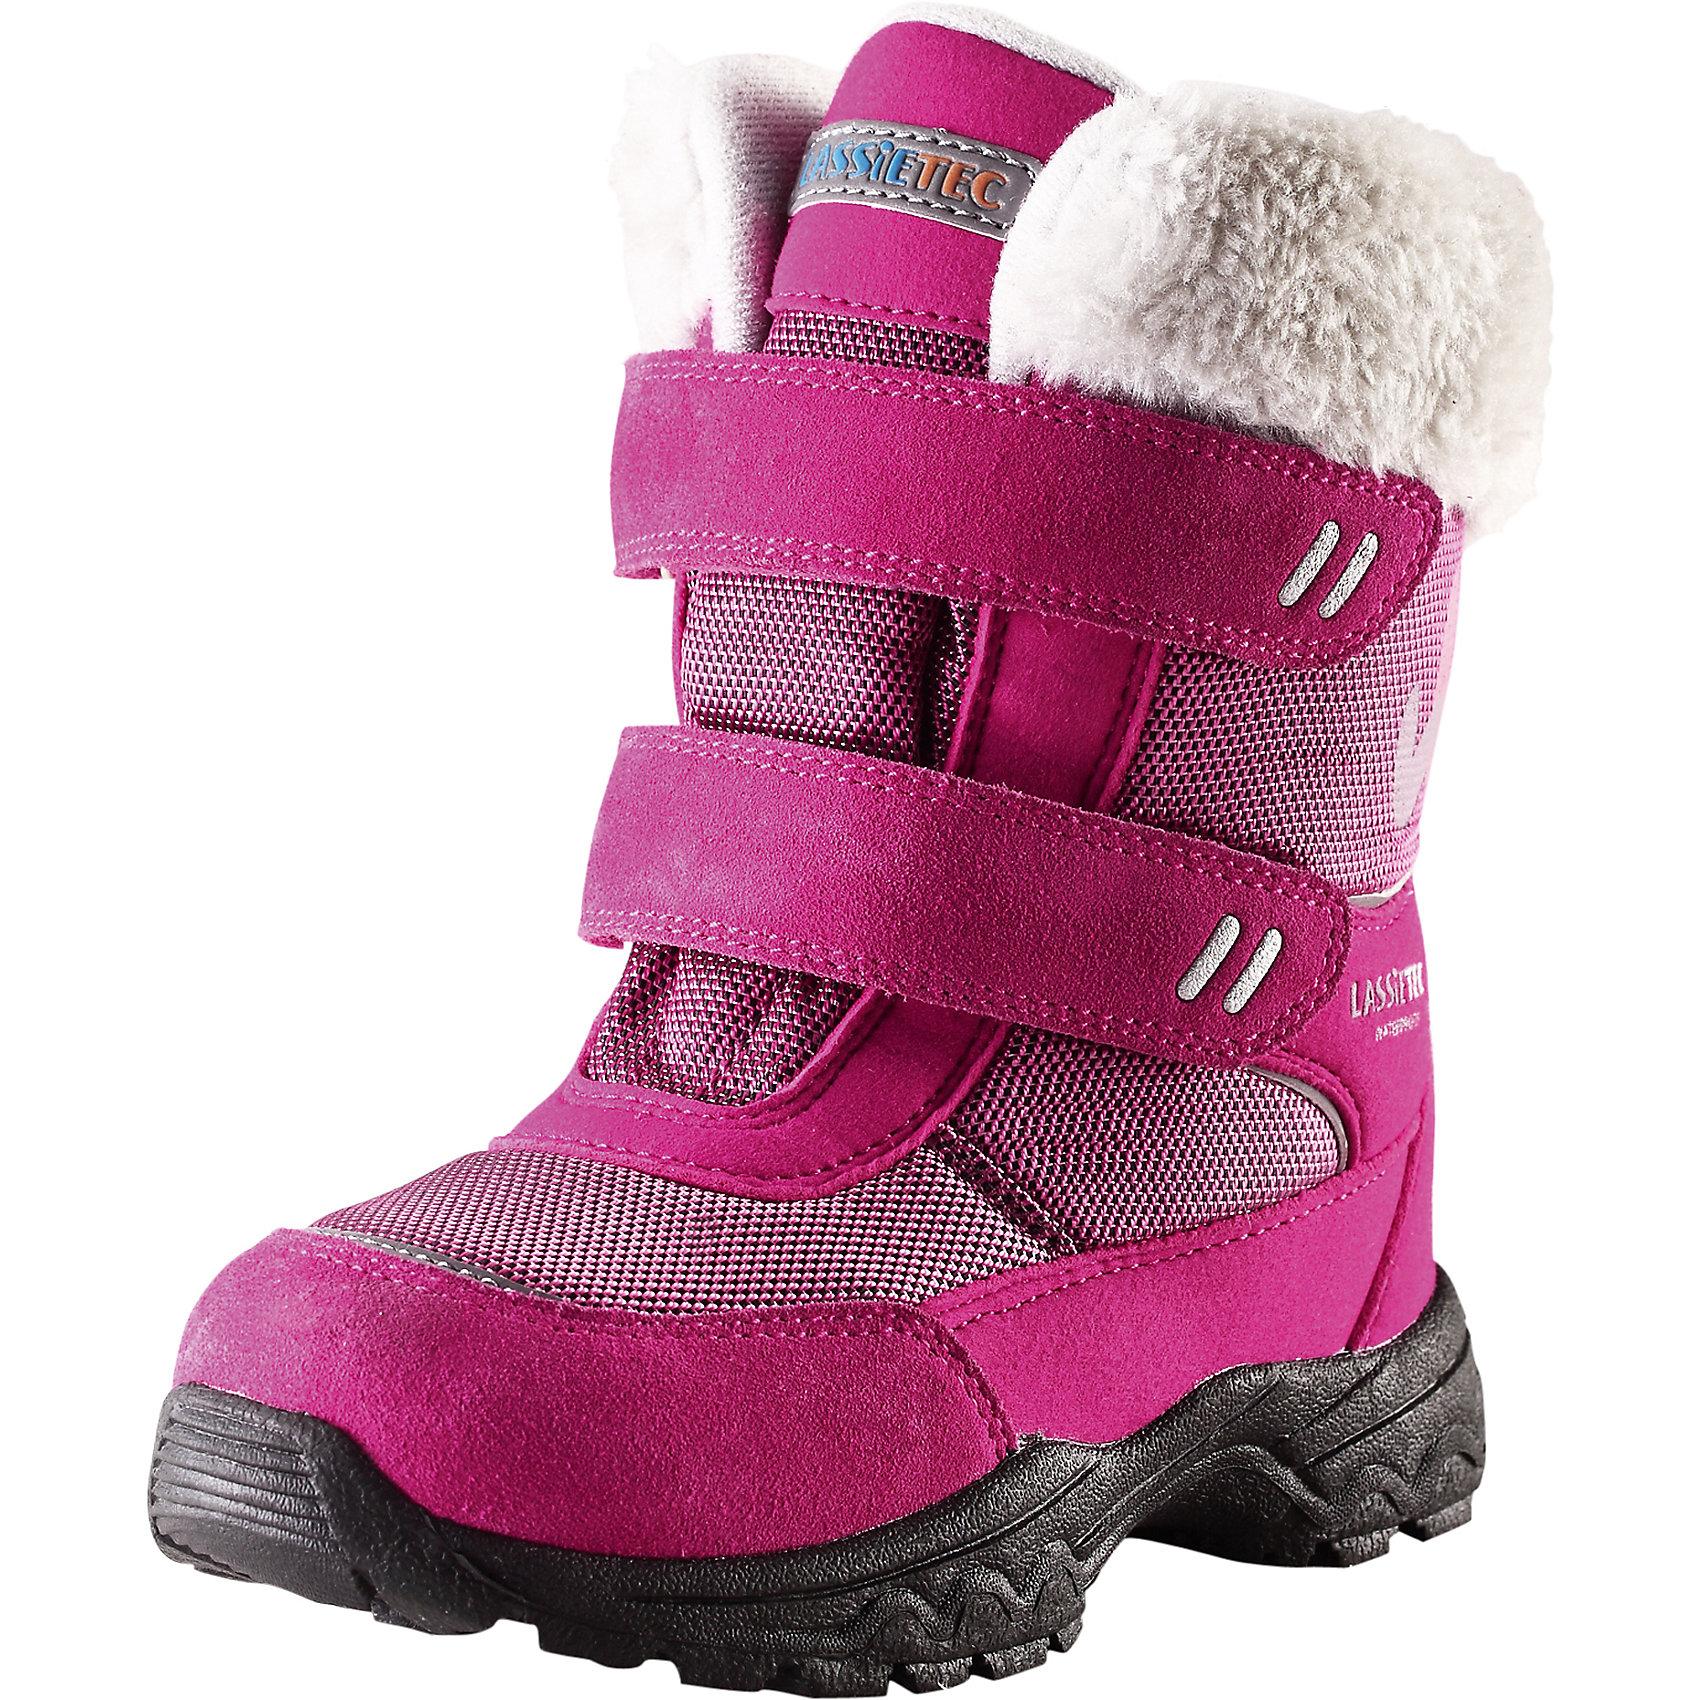 Ботинки для девочки LassieОбувь<br>Зимние сапоги для детей Lassietec®. <br><br>- Водонепроницаемая зимняя обувь.<br>- Верх из натуральной замши (из телячьей кожи), синтетического материала и текстиля.<br>- Подошва из термопластичного каучука обеспечивает хорошее сцепление с поверхностью. <br>- Подкладка из искусственного меха.<br>- Съемные стельки. Застежки на липучках обеспечивают простоту использования.<br>- Светоотражающие детали. <br><br>Храните обувь в вертикальном положении при комнатной температуре. Сушить обувь всегда следует при комнатной температуре: вынув съемные стельки. Стельки следует время от времени заменять на новые. Налипшую грязь можно счищать щеткой или влажной тряпкой. Перед использованием обувь рекомендуется обрабатывать специальными защитными средствами.<br><br>Состав: Подошва: Термопластиковая резина, Верх: 70% ПЭ 20% ПУ 10% Кожа.<br><br>Ширина мм: 257<br>Глубина мм: 180<br>Высота мм: 130<br>Вес г: 420<br>Цвет: розовый<br>Возраст от месяцев: 84<br>Возраст до месяцев: 96<br>Пол: Женский<br>Возраст: Детский<br>Размер: 31,32,33,34,35,24,27,28,25,26,29,30<br>SKU: 4780814